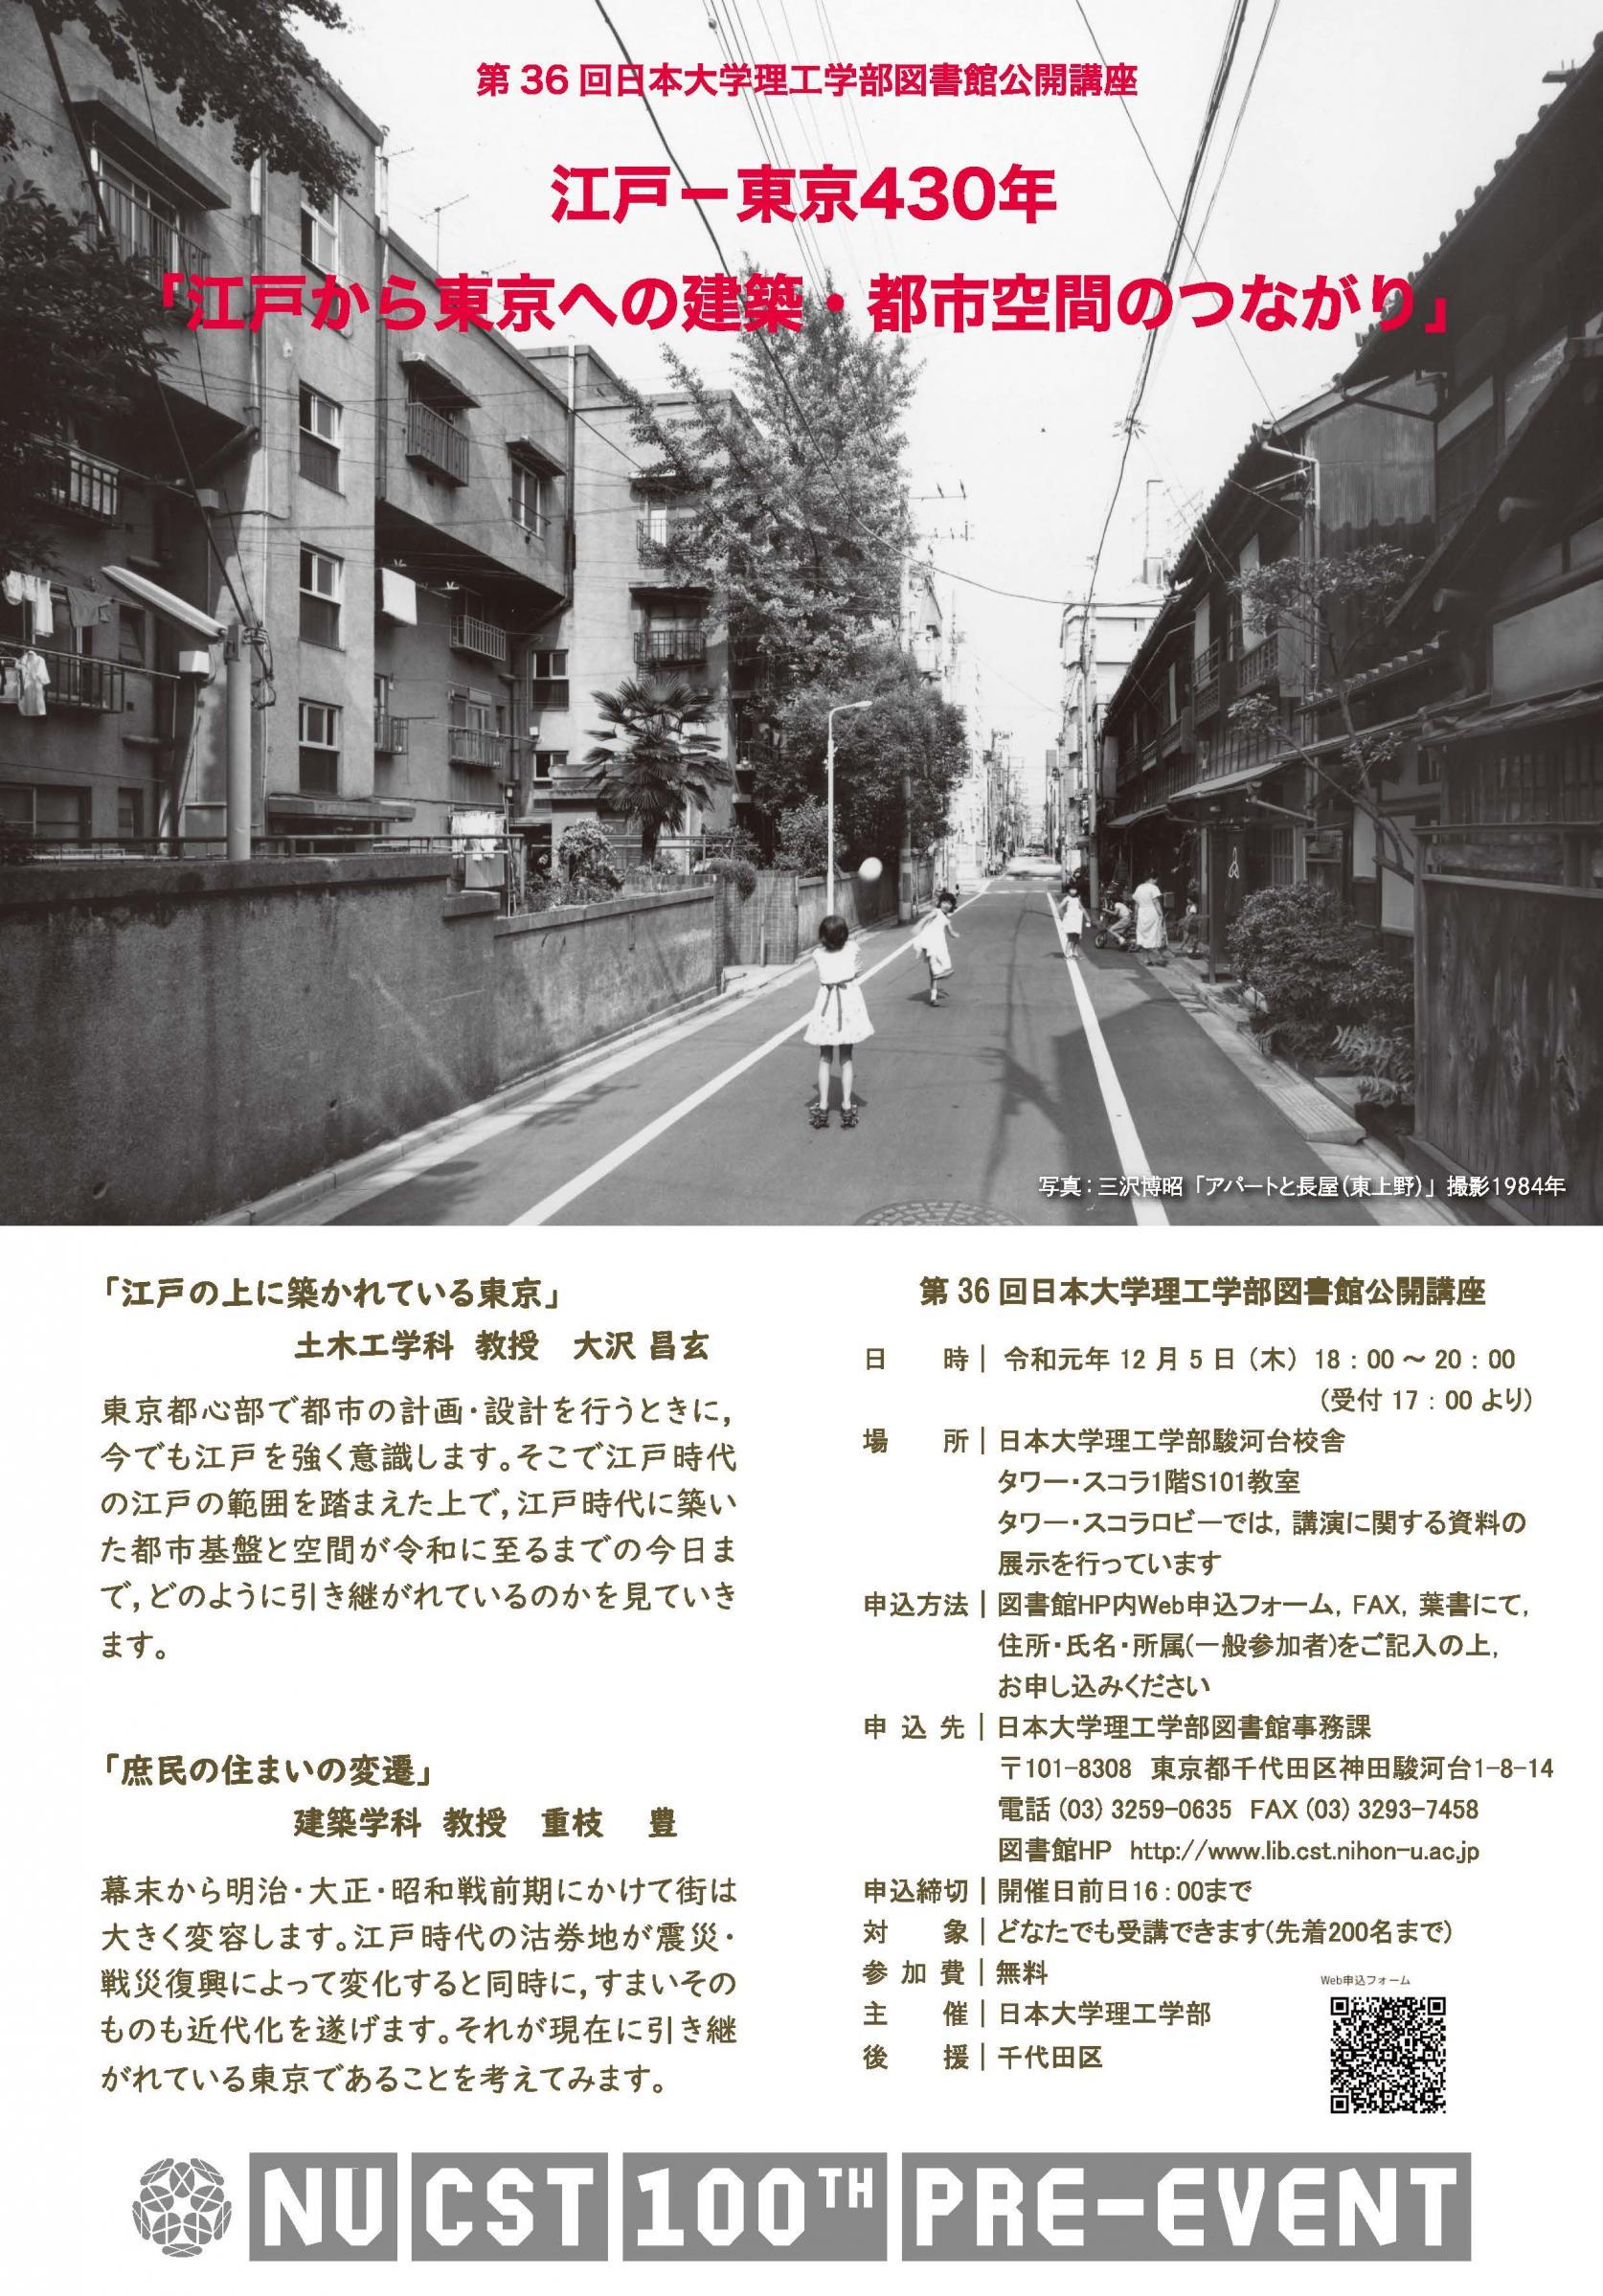 【12月5日(木)開催】第36回日本大学理工学部図書館公開講座  江戸―東京430年 「江戸から東京への建築・都市空間のつながり」